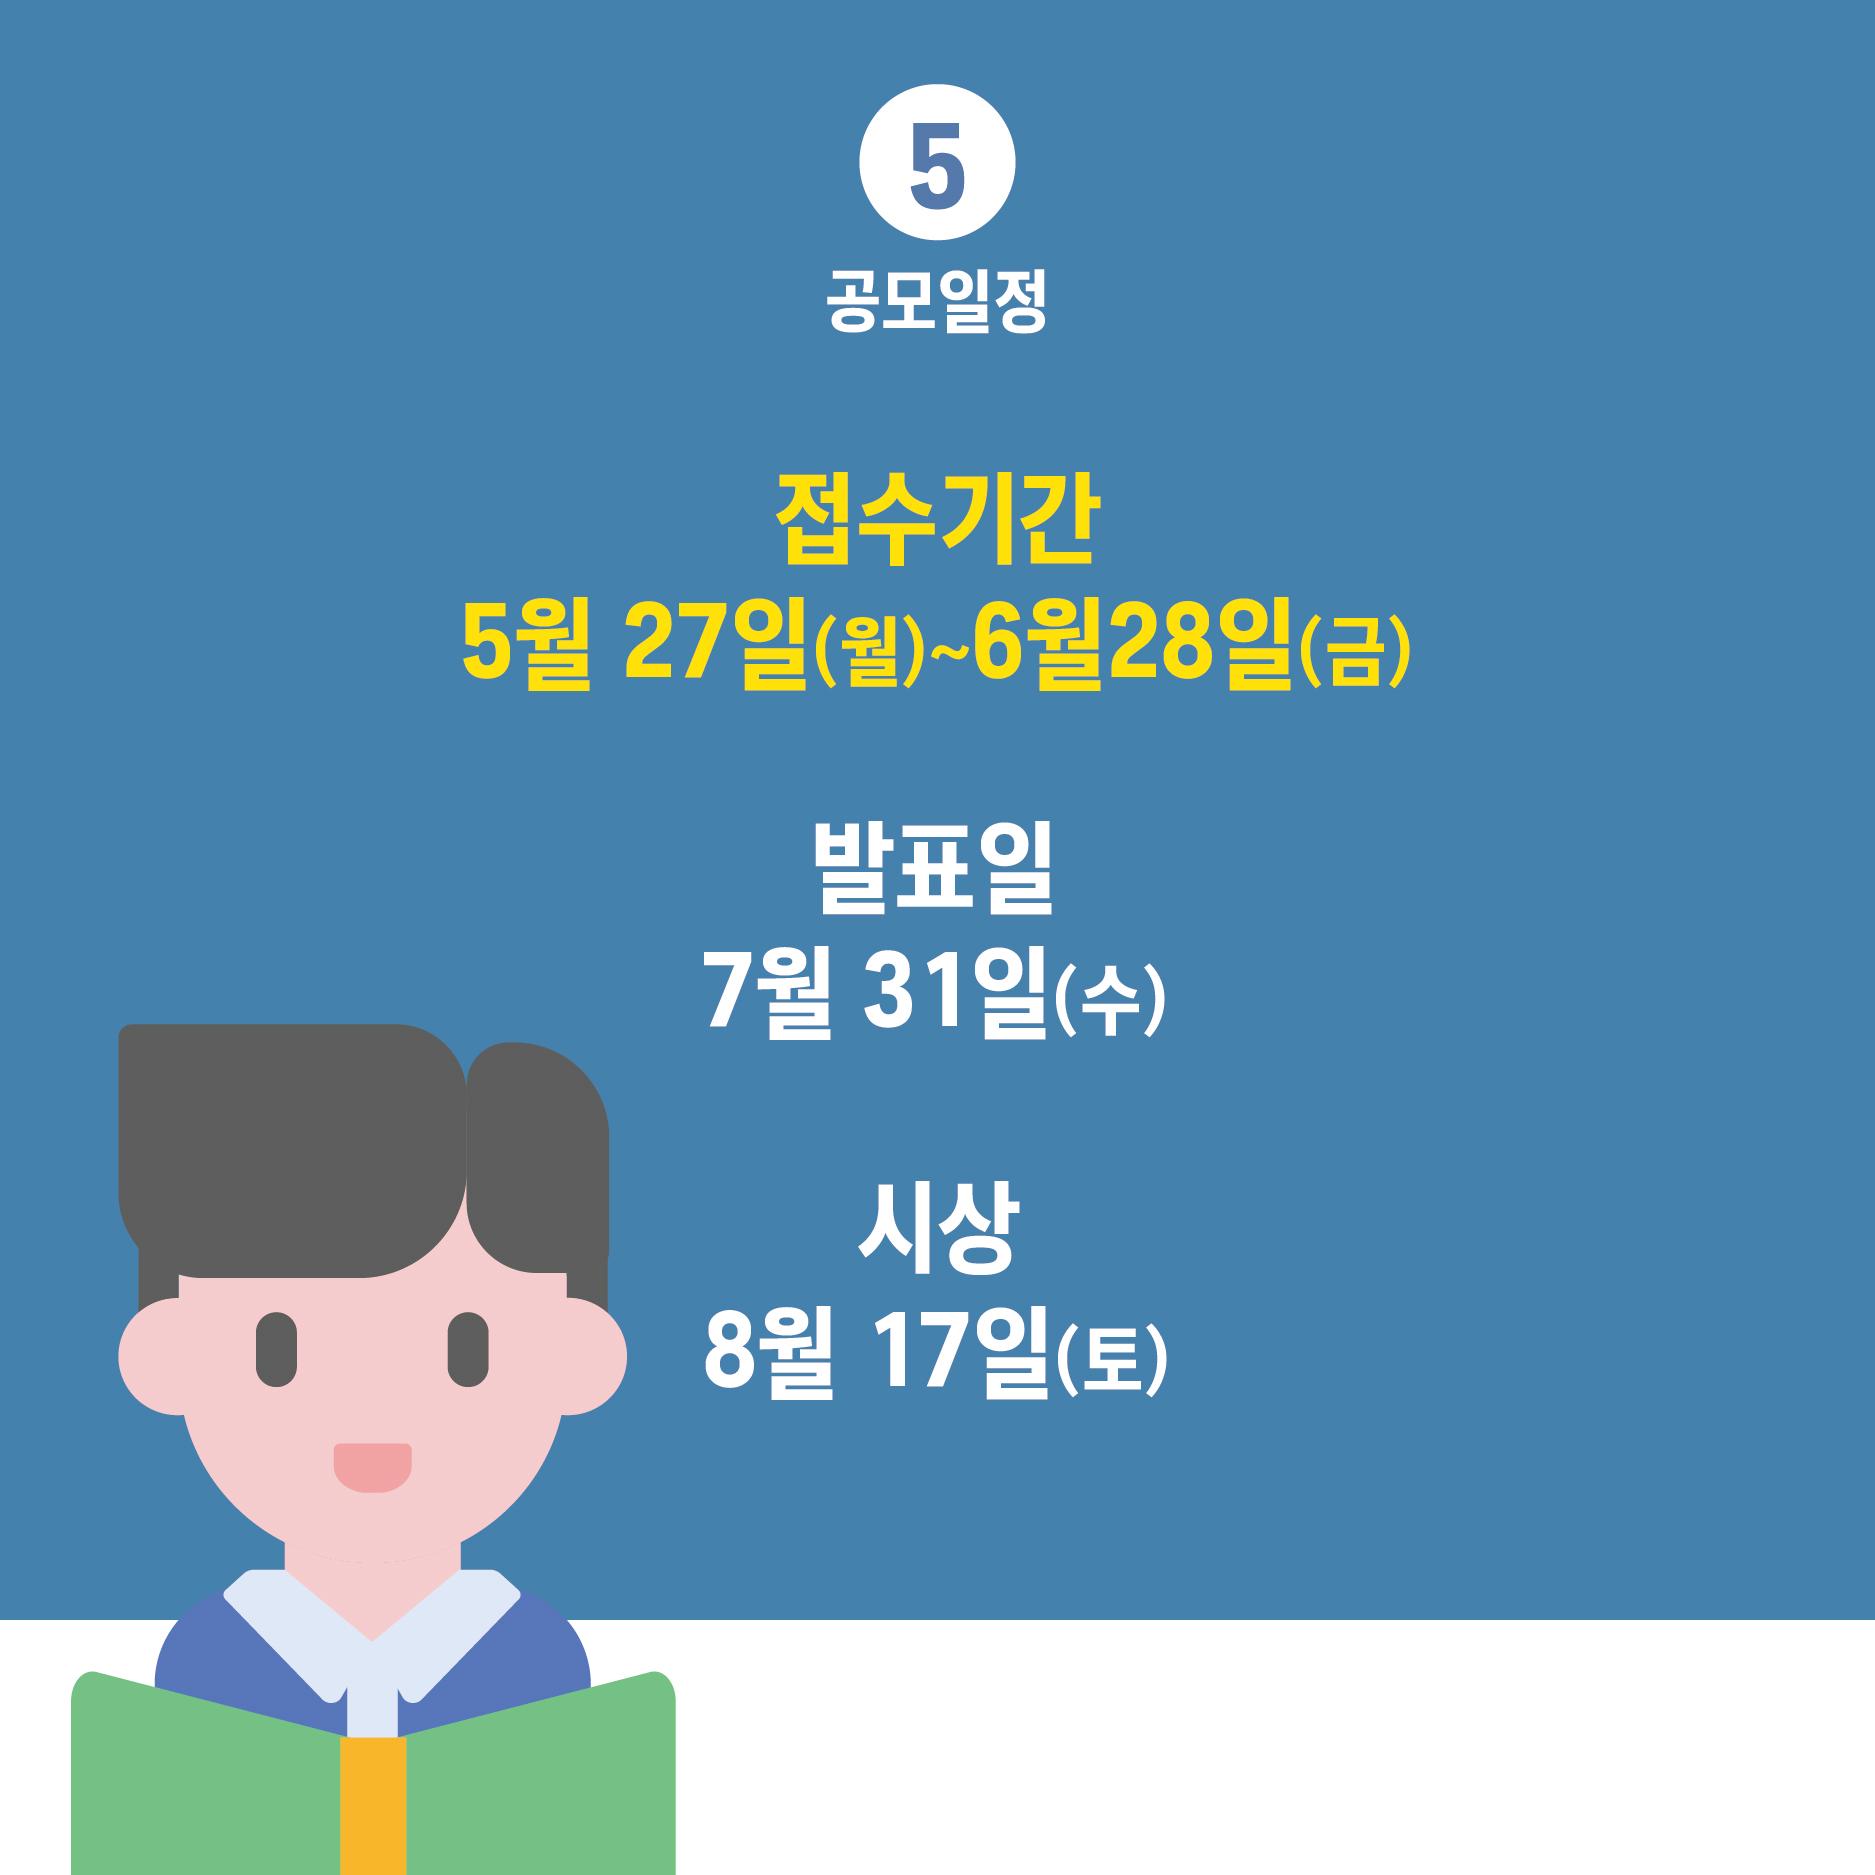 수기카드뉴스만들어보자3-10.jpg